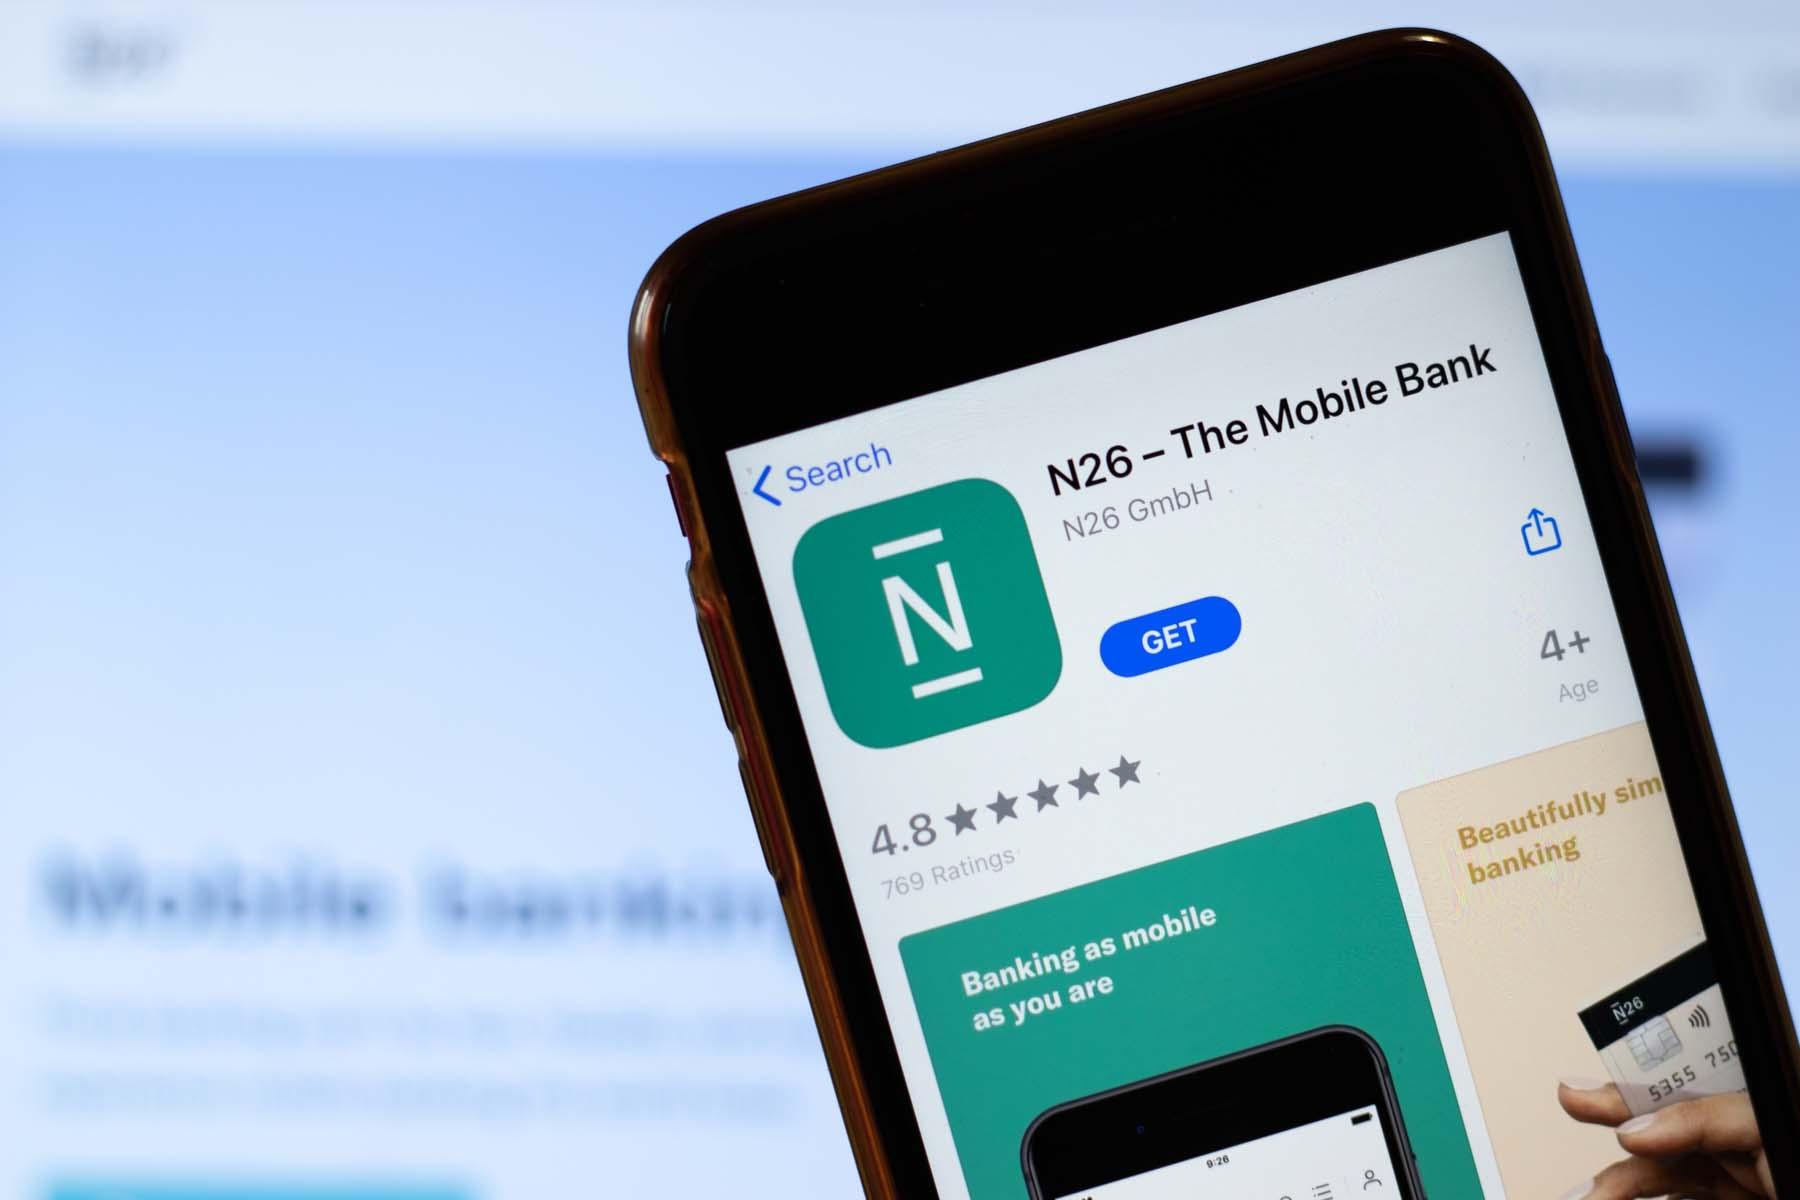 N26 app